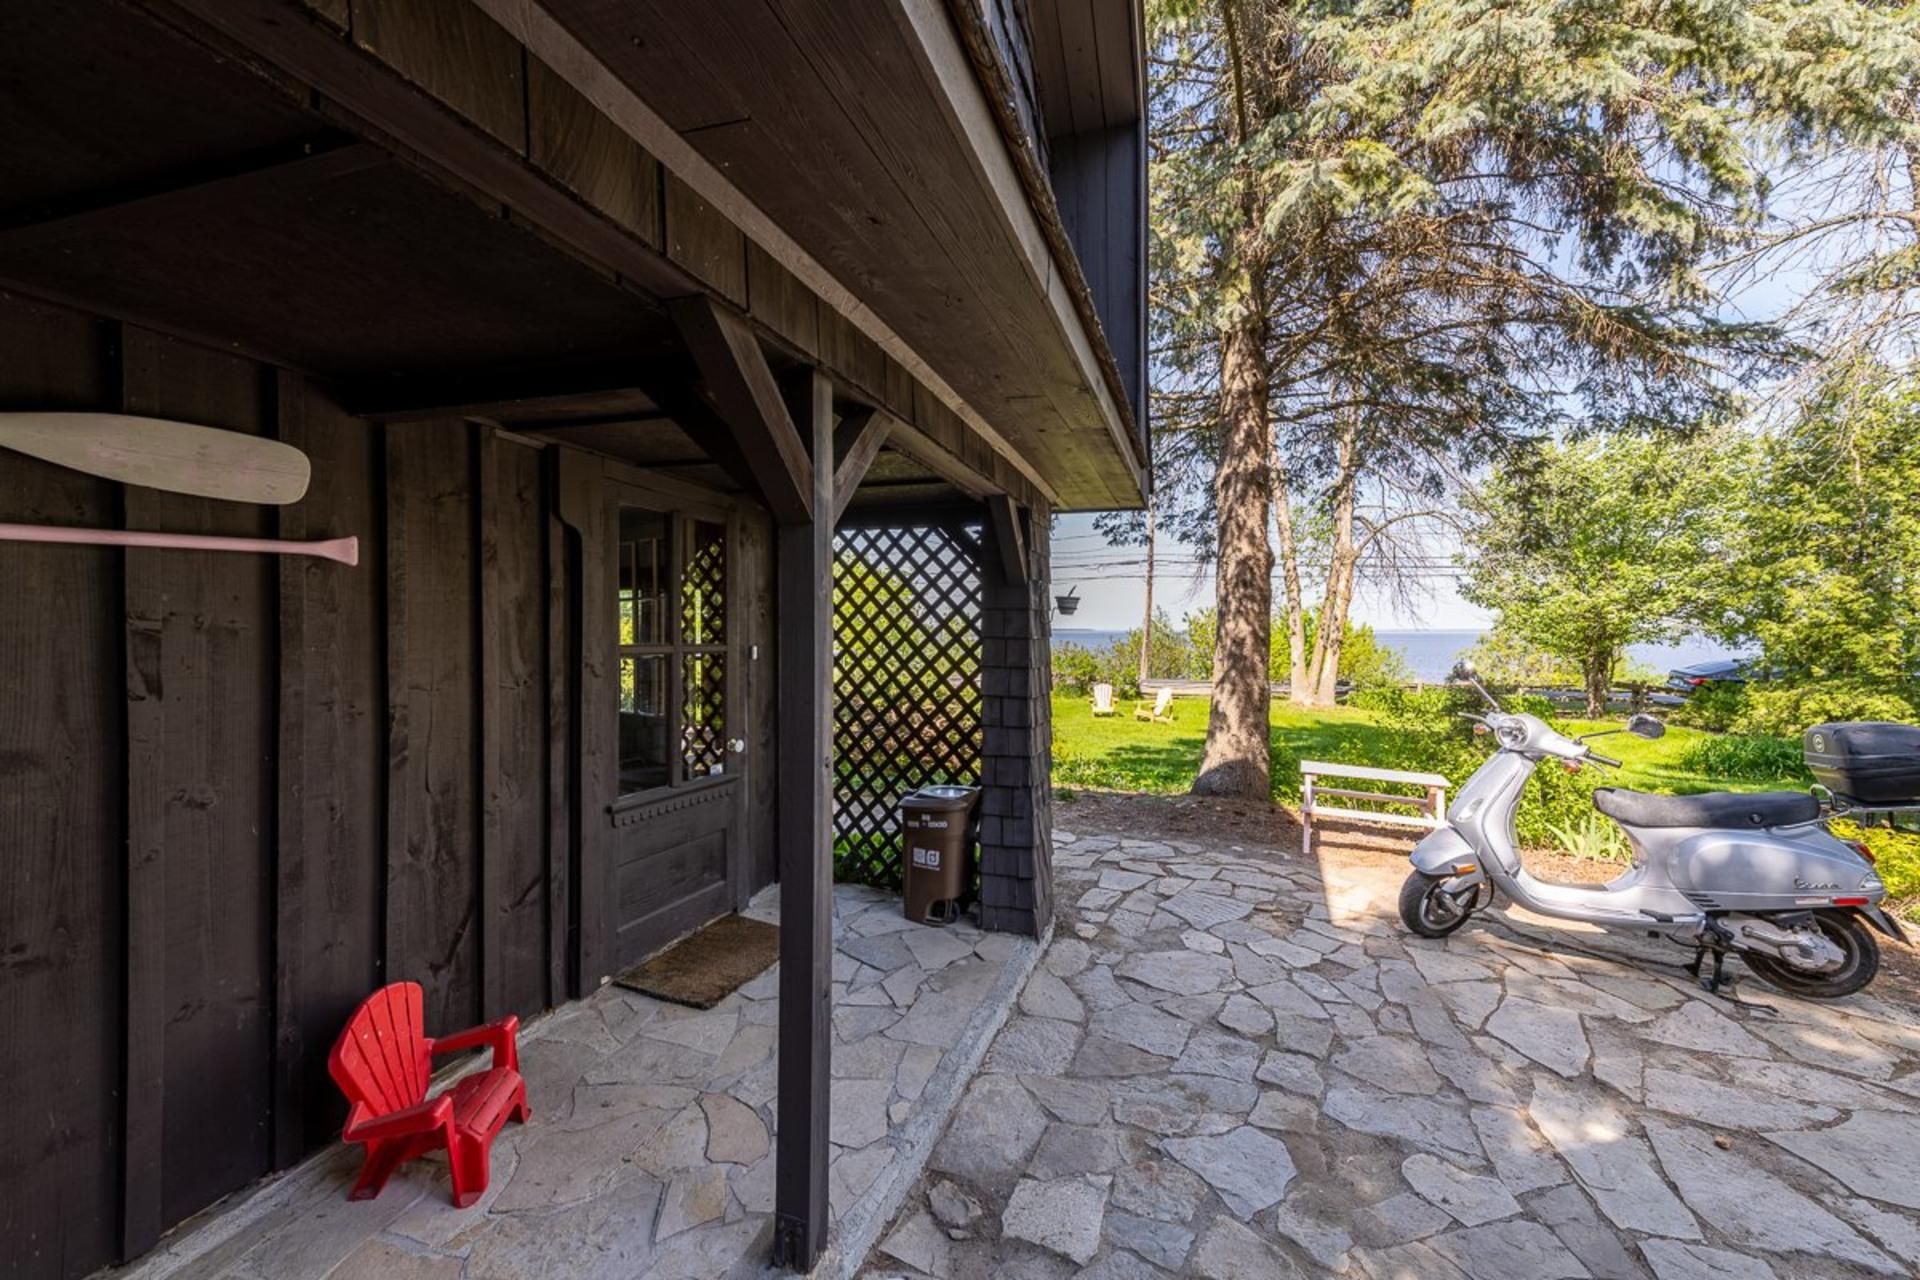 image 40 - MX - Casa sola - MX En venta Vaudreuil-Dorion - 12 habitaciones